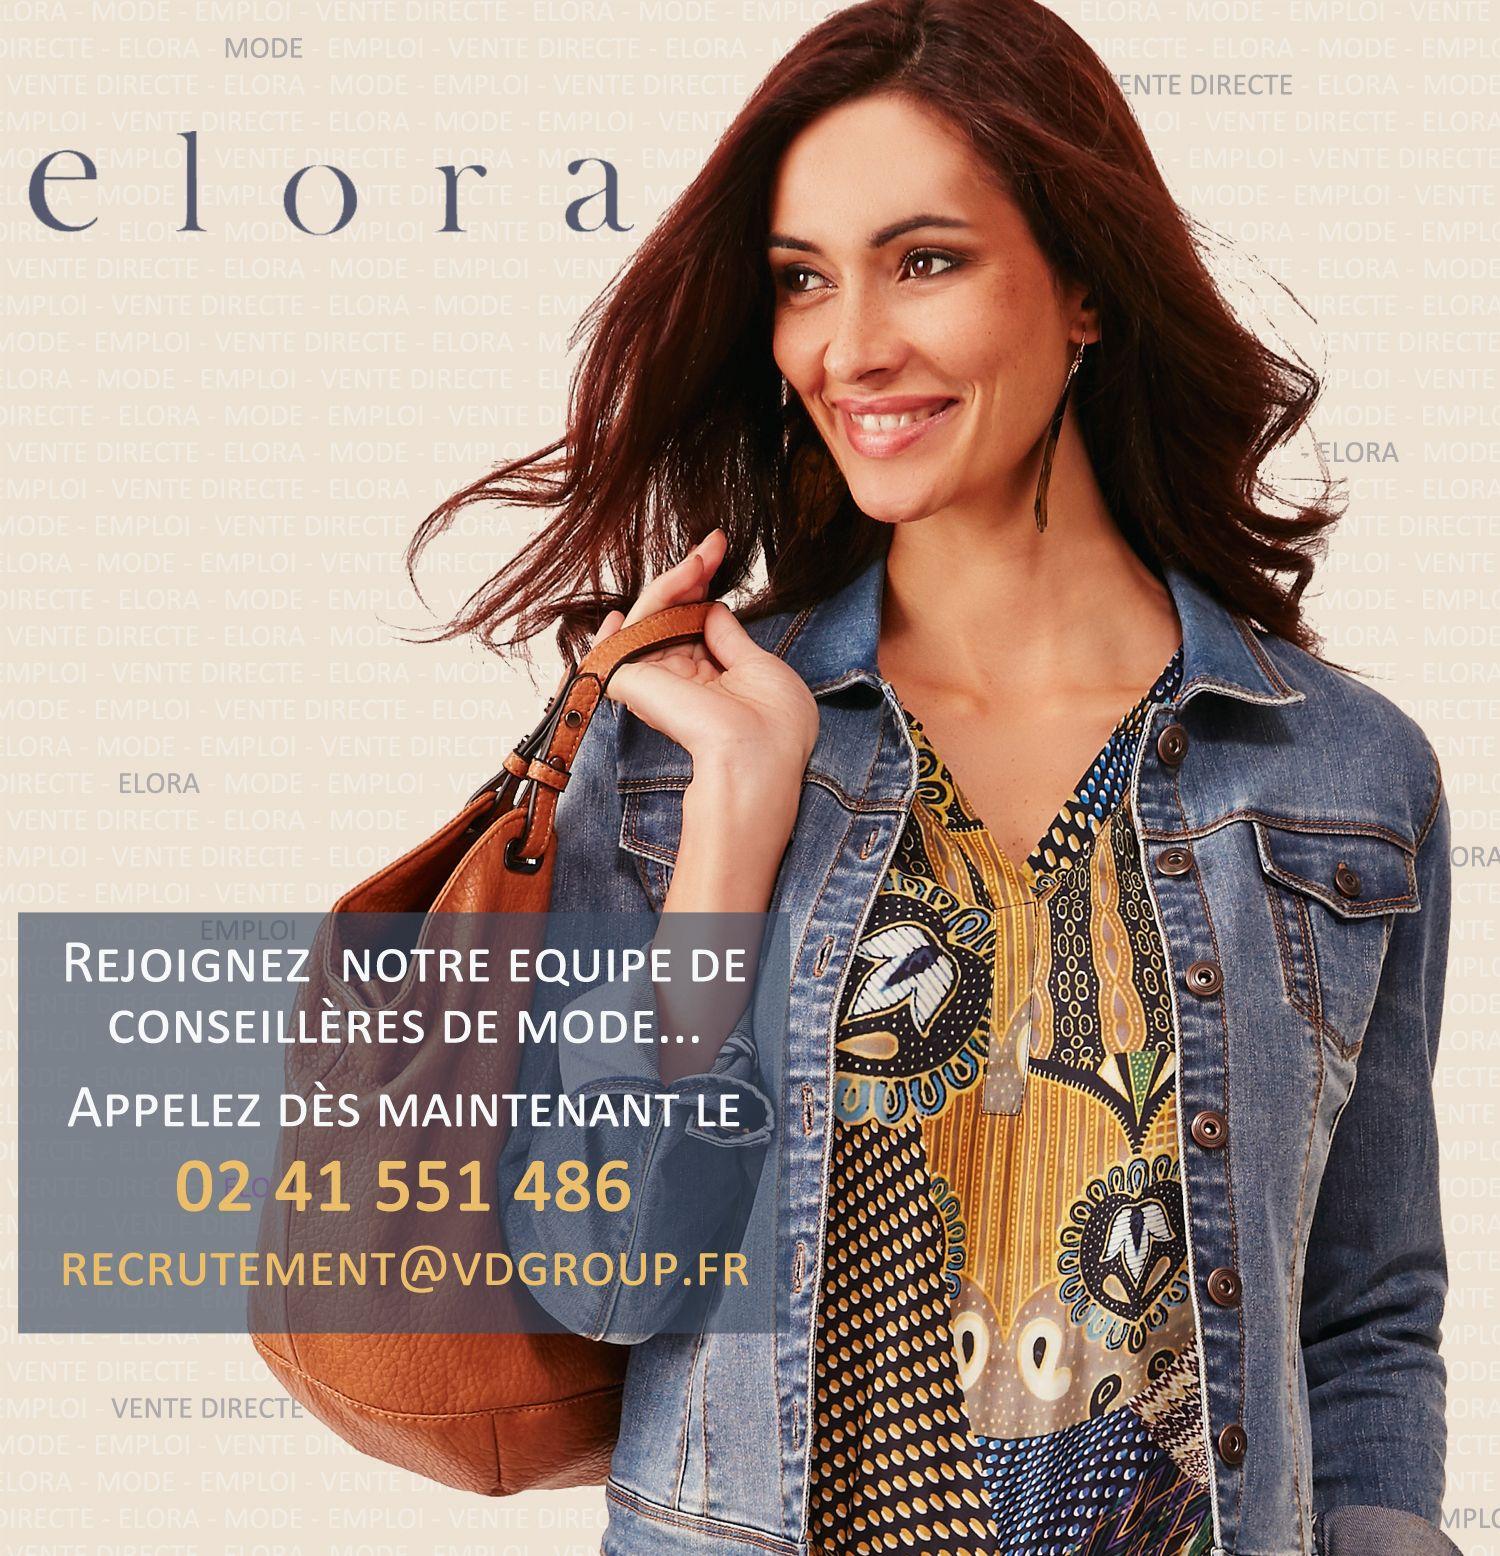 Vente Directe à Domicile Elora By GF Le Spécialiste De La Vente à - Vente a domicile pret a porter